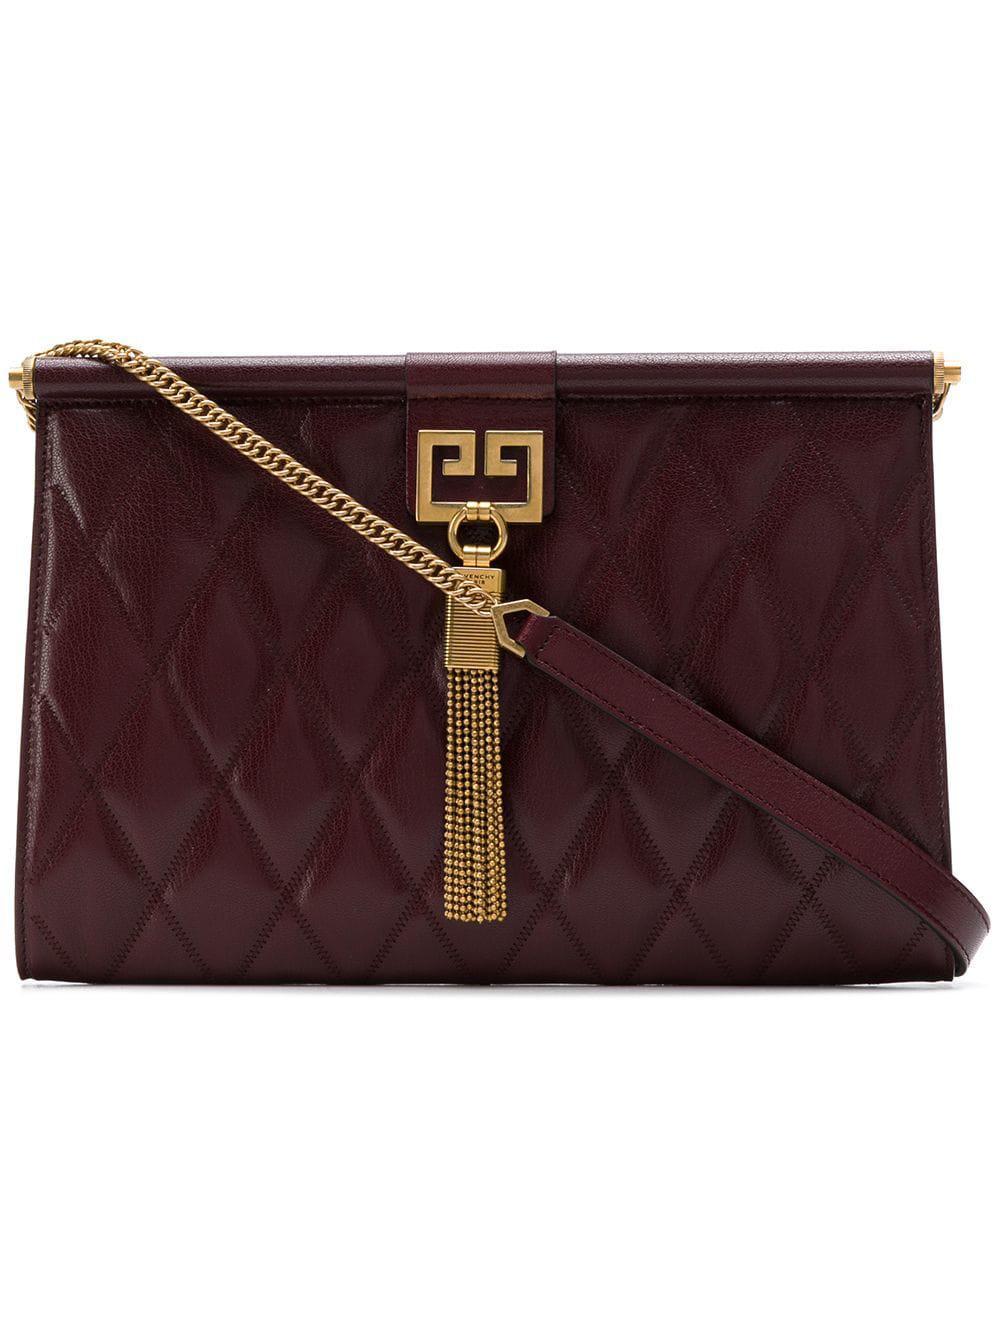 6d64c7115f Givenchy Gem Leather Shoulder Bag in Purple - Lyst